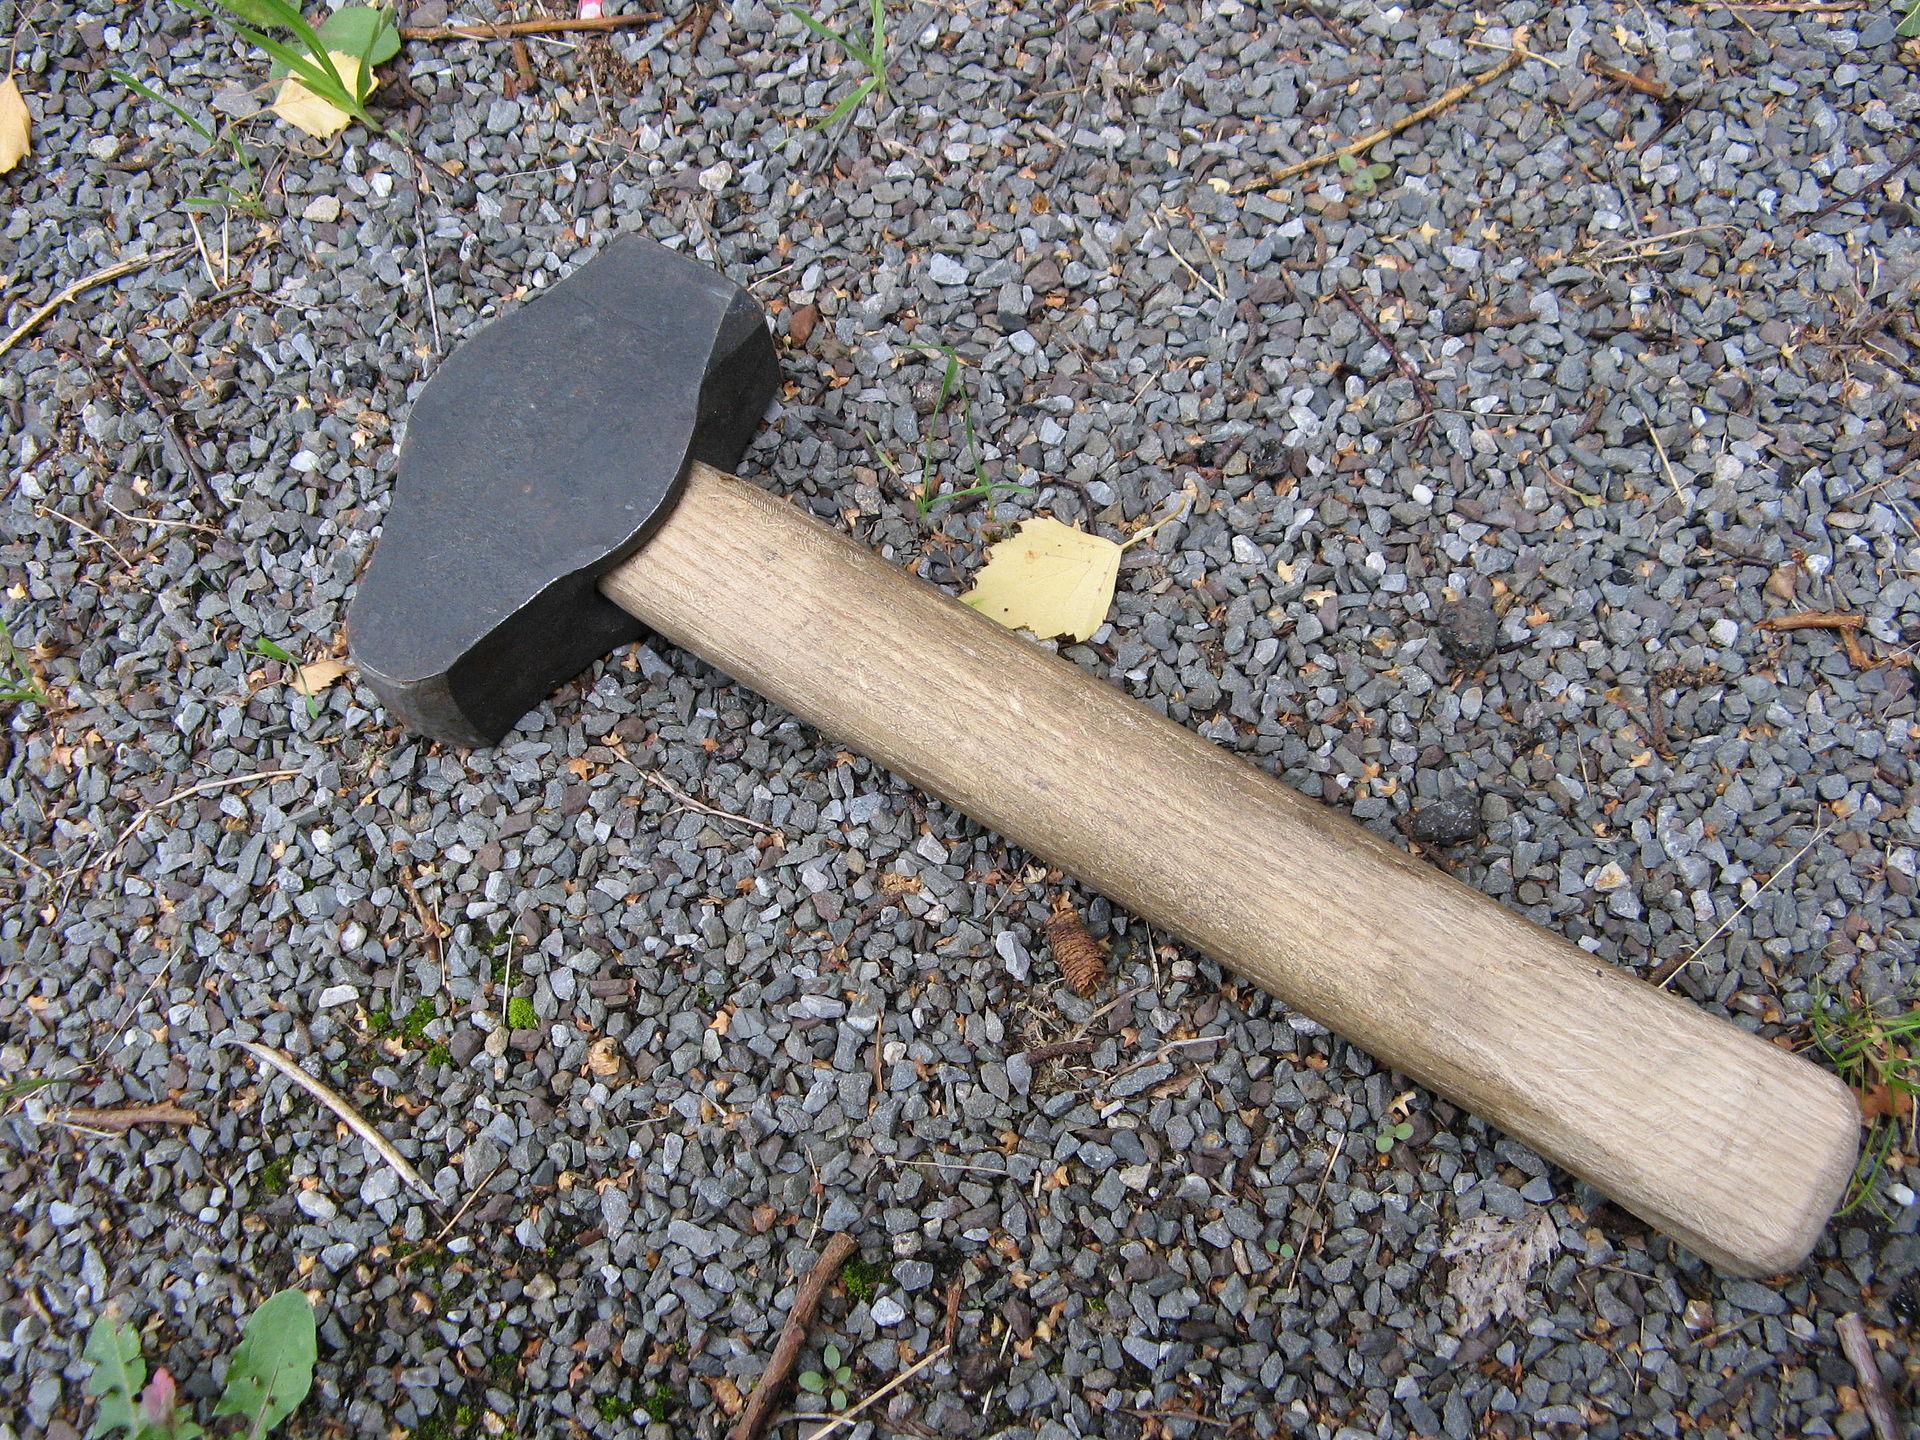 https://upload.wikimedia.org/wikipedia/commons/thumb/6/6e/Schmiedehammer_1,5kg.jpg/1920px-Schmiedehammer_1,5kg.jpg